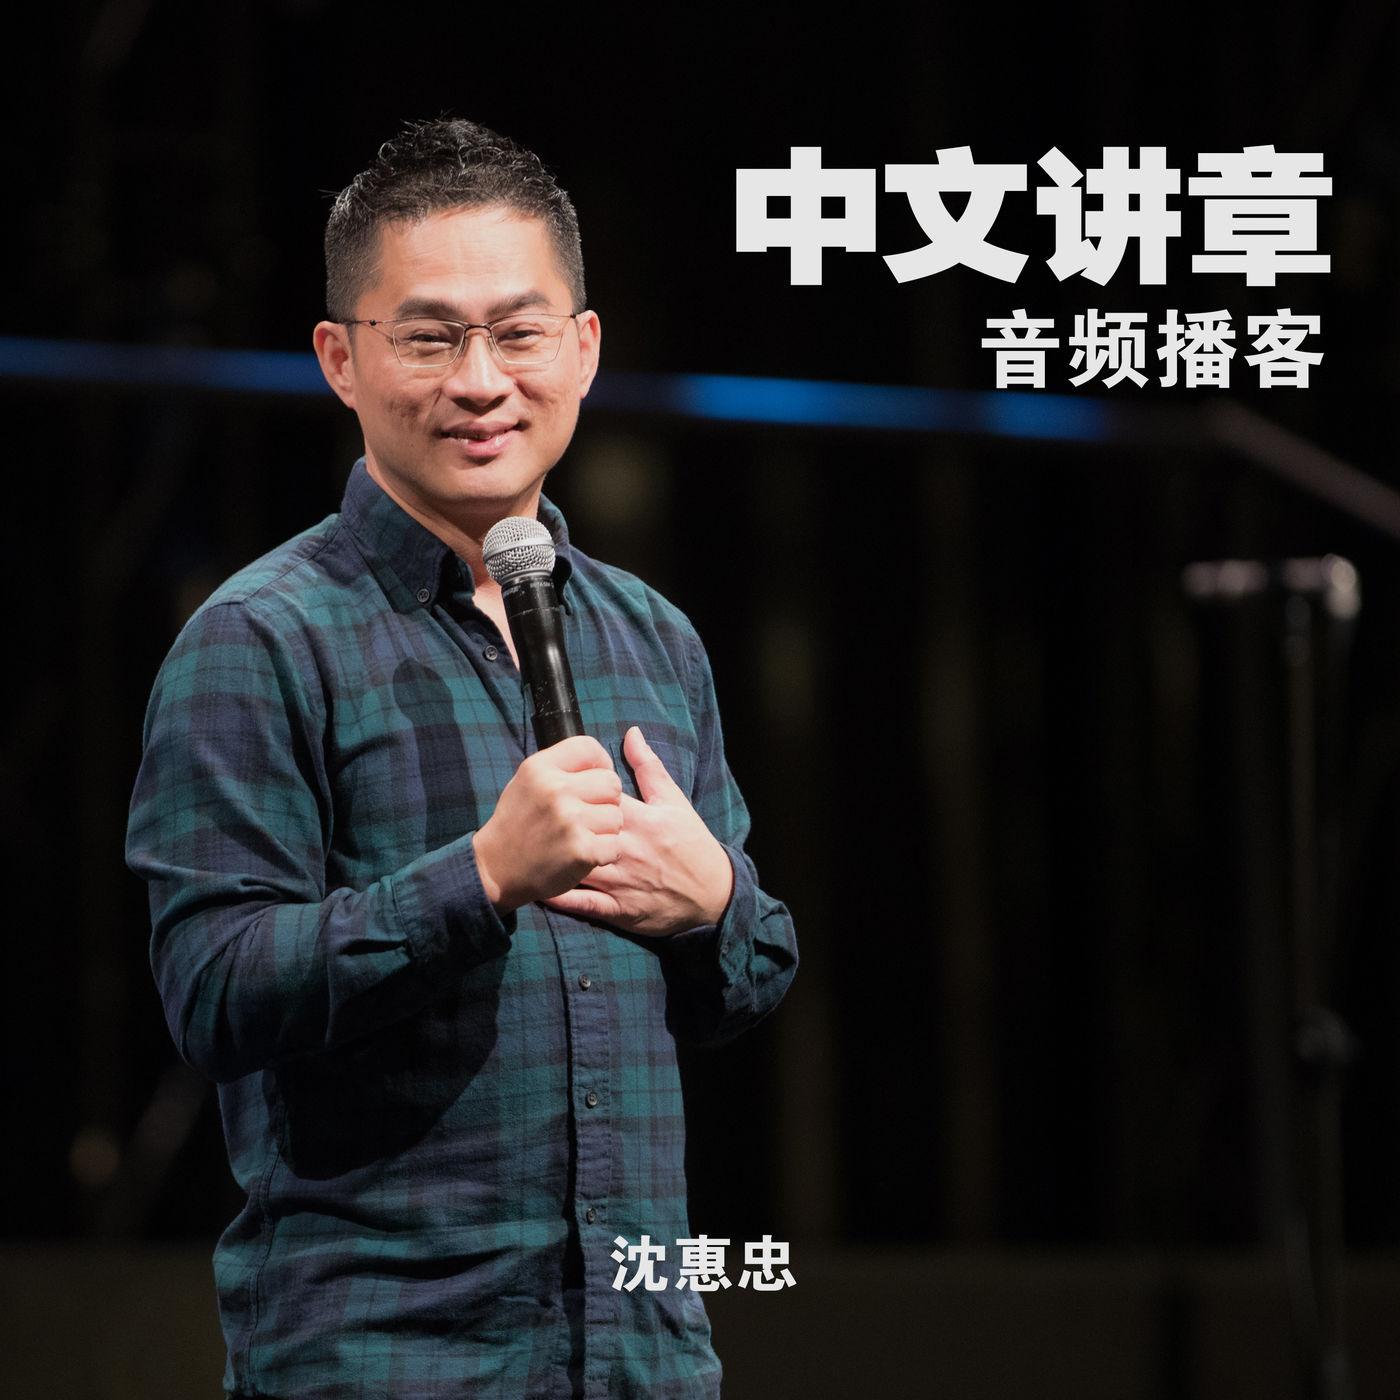 沈惠忠:让爱成为我们的目标